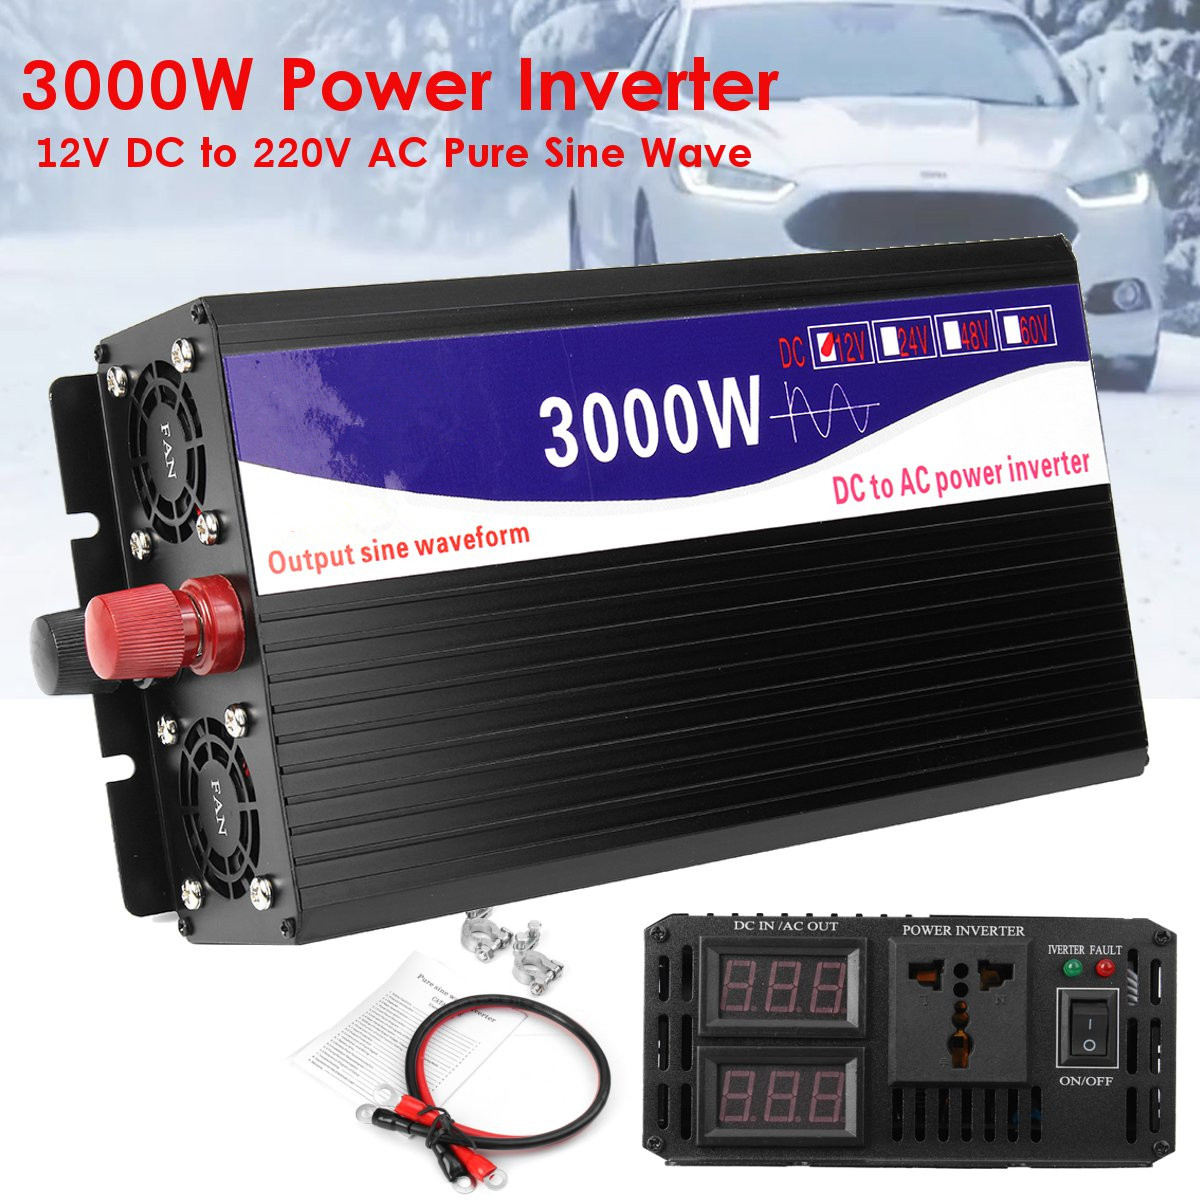 Voiture 3000 w Power Inverter Affichage LED 12 v DC à 220 v AC Onde sinusoïdale Pure Convertisseur Émetteur Transformateur onduleur